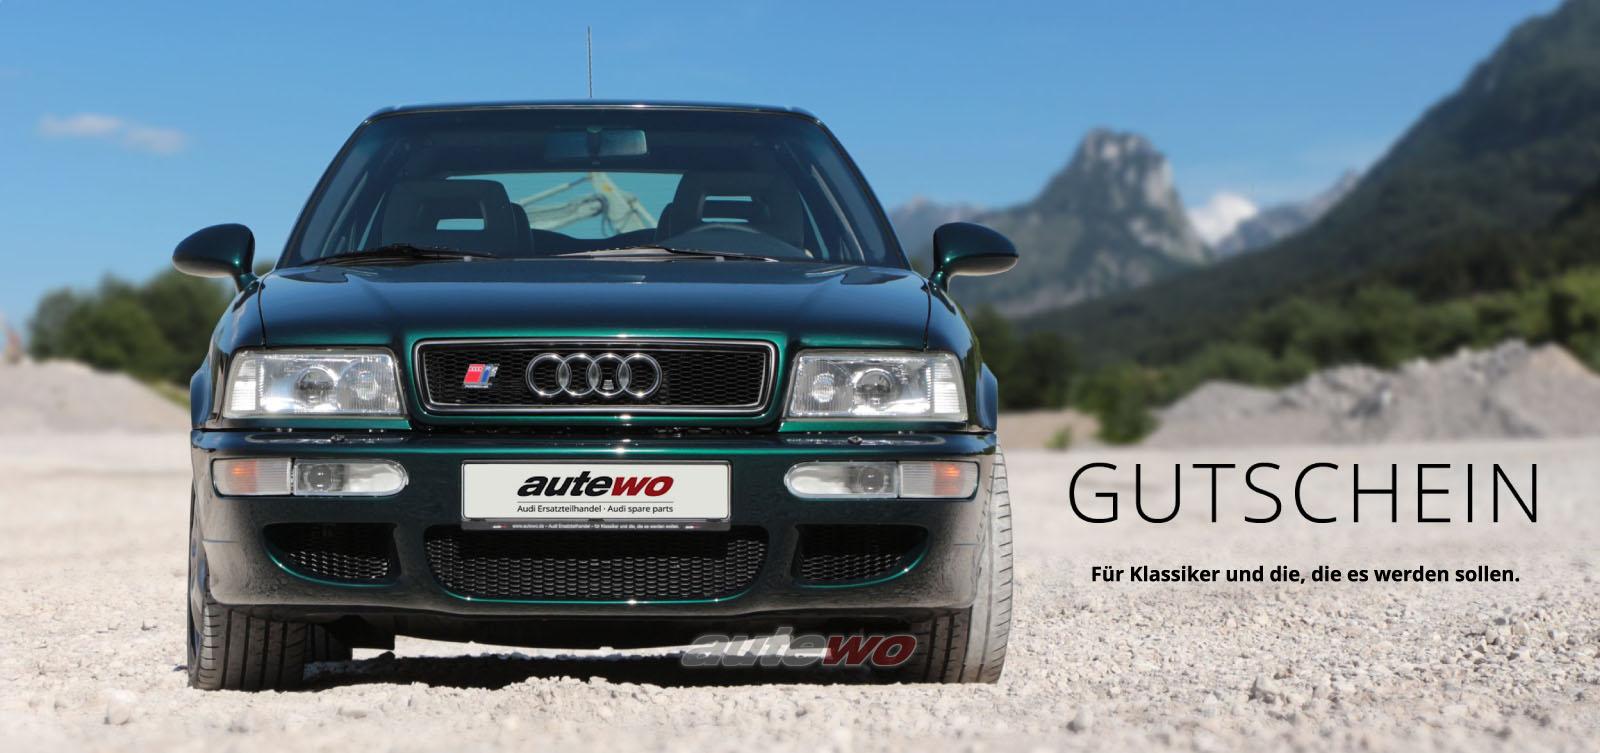 autewo-Geschenkgutschein über 25 Euro Motiv RS2 als Geschenkkarte